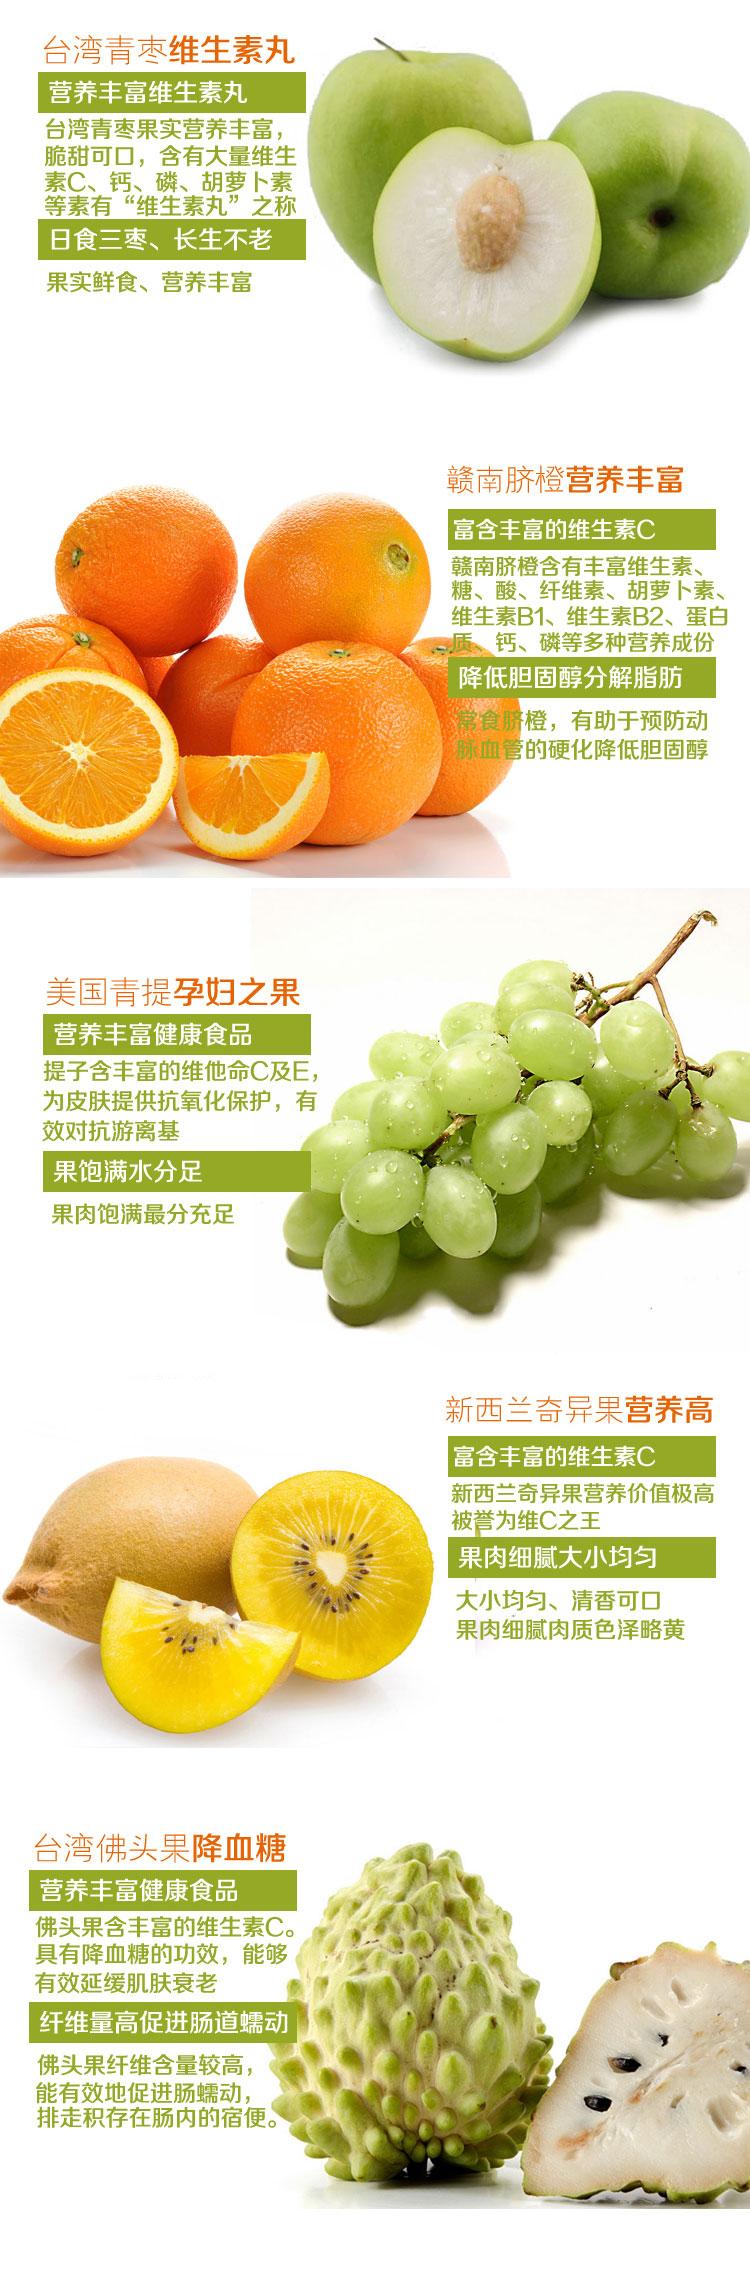 水果C副本_02